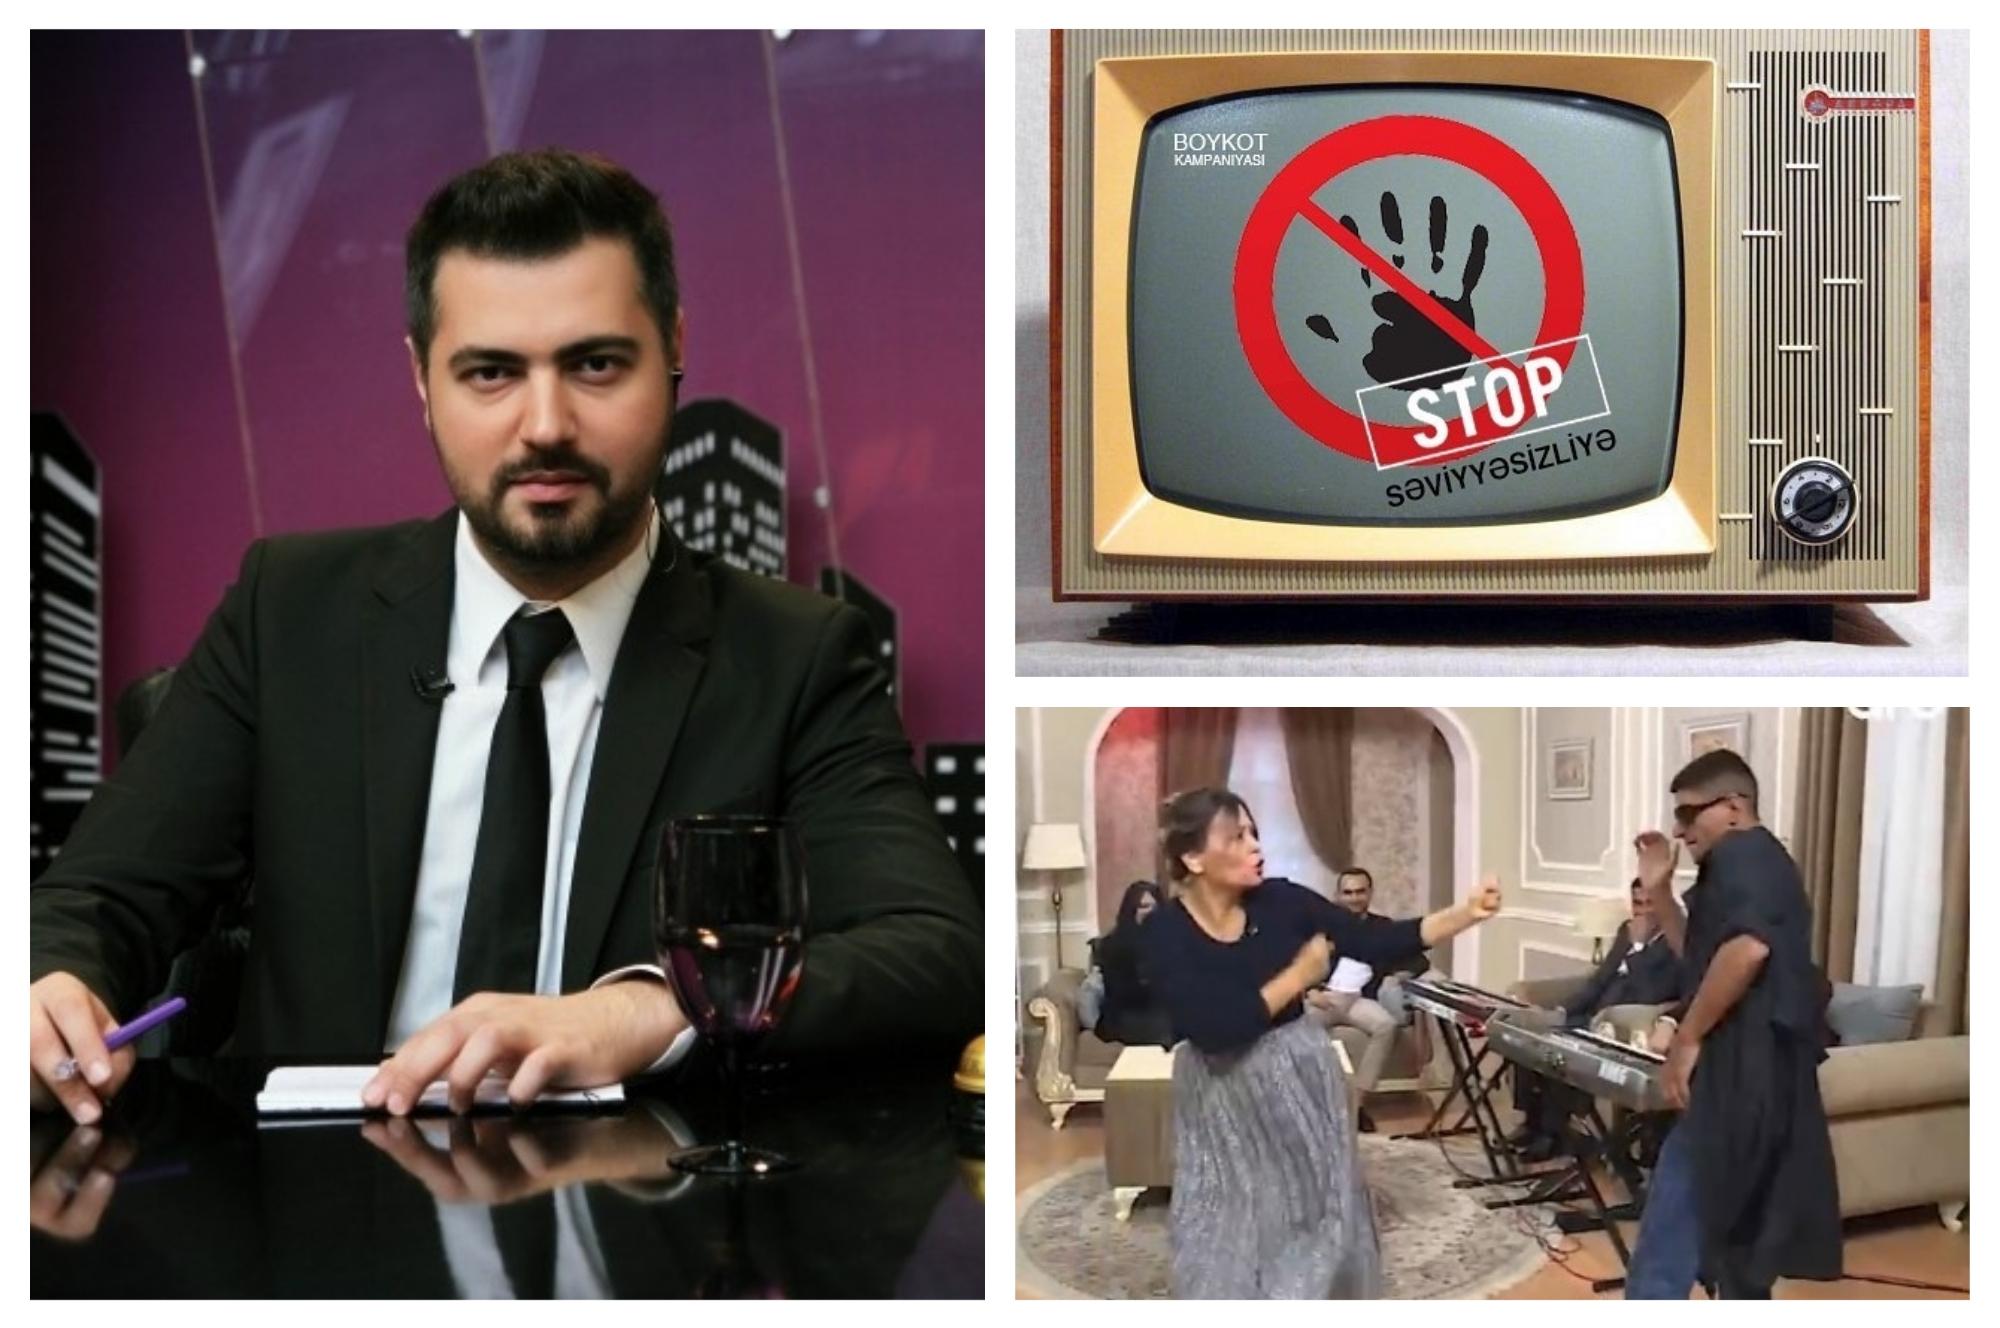 Телеведущий Ранар Мусаев объявил бойкот безобразию на ТВ: «Səviyyəsizliyə stop!» - ФОТО – ВИДЕО